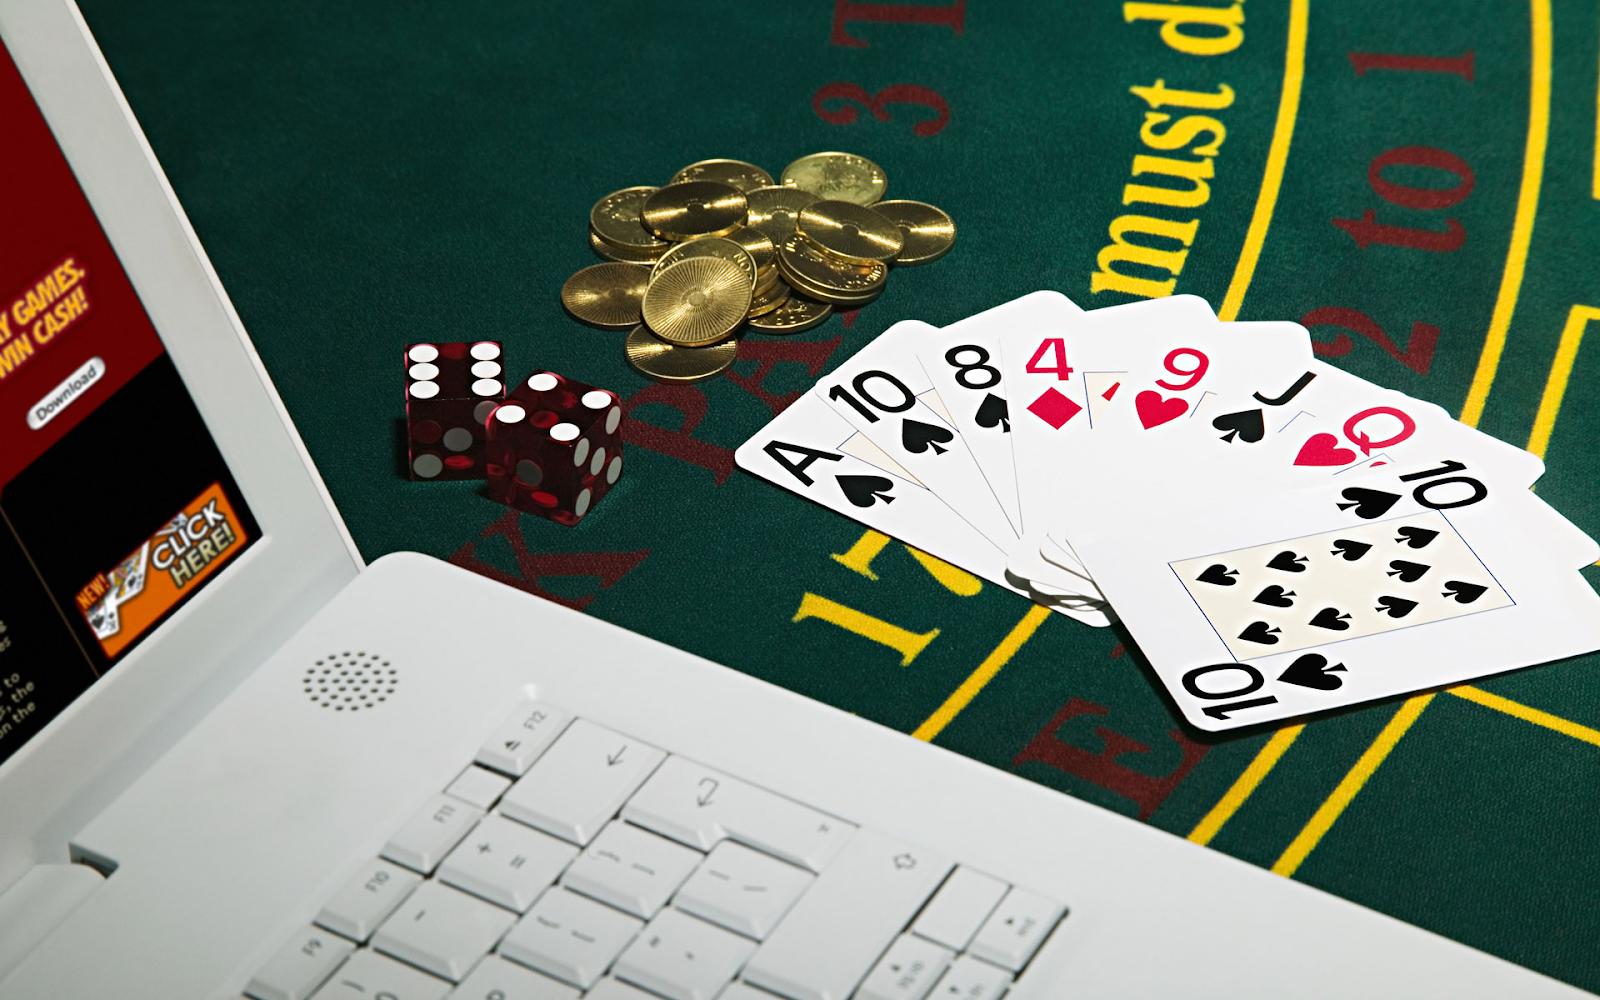 Чек-лист от казино Vulcan Vegas: как использовать онлайн промокод и получить бездепозитный бонус